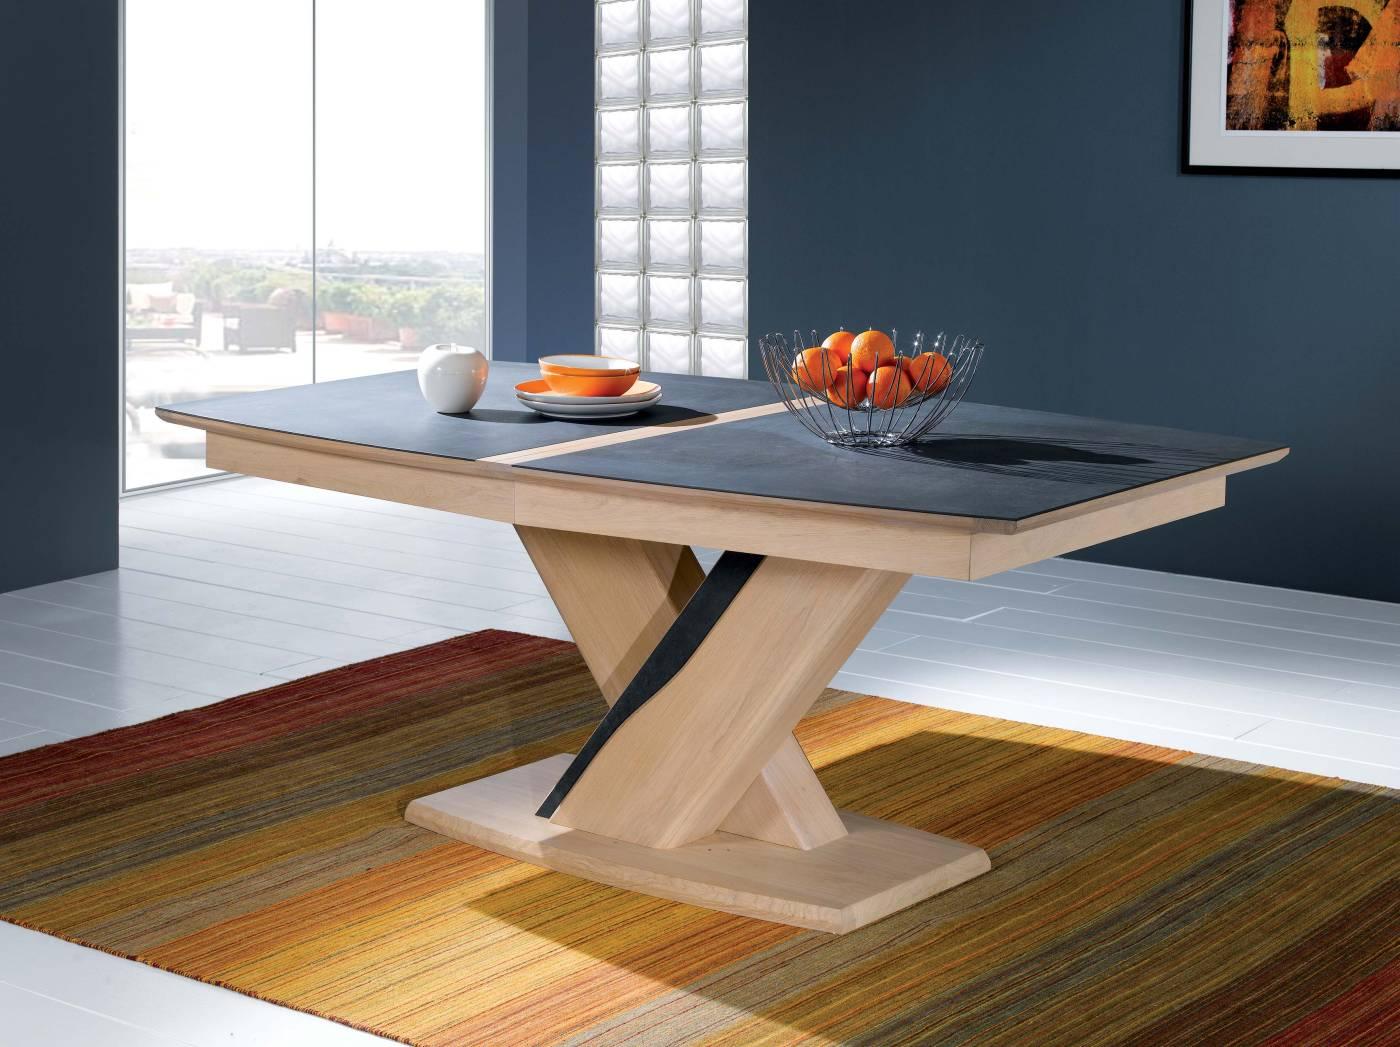 Table salle a manger ceram chene ceramique ateliers de langres - Belle table salle a manger ...